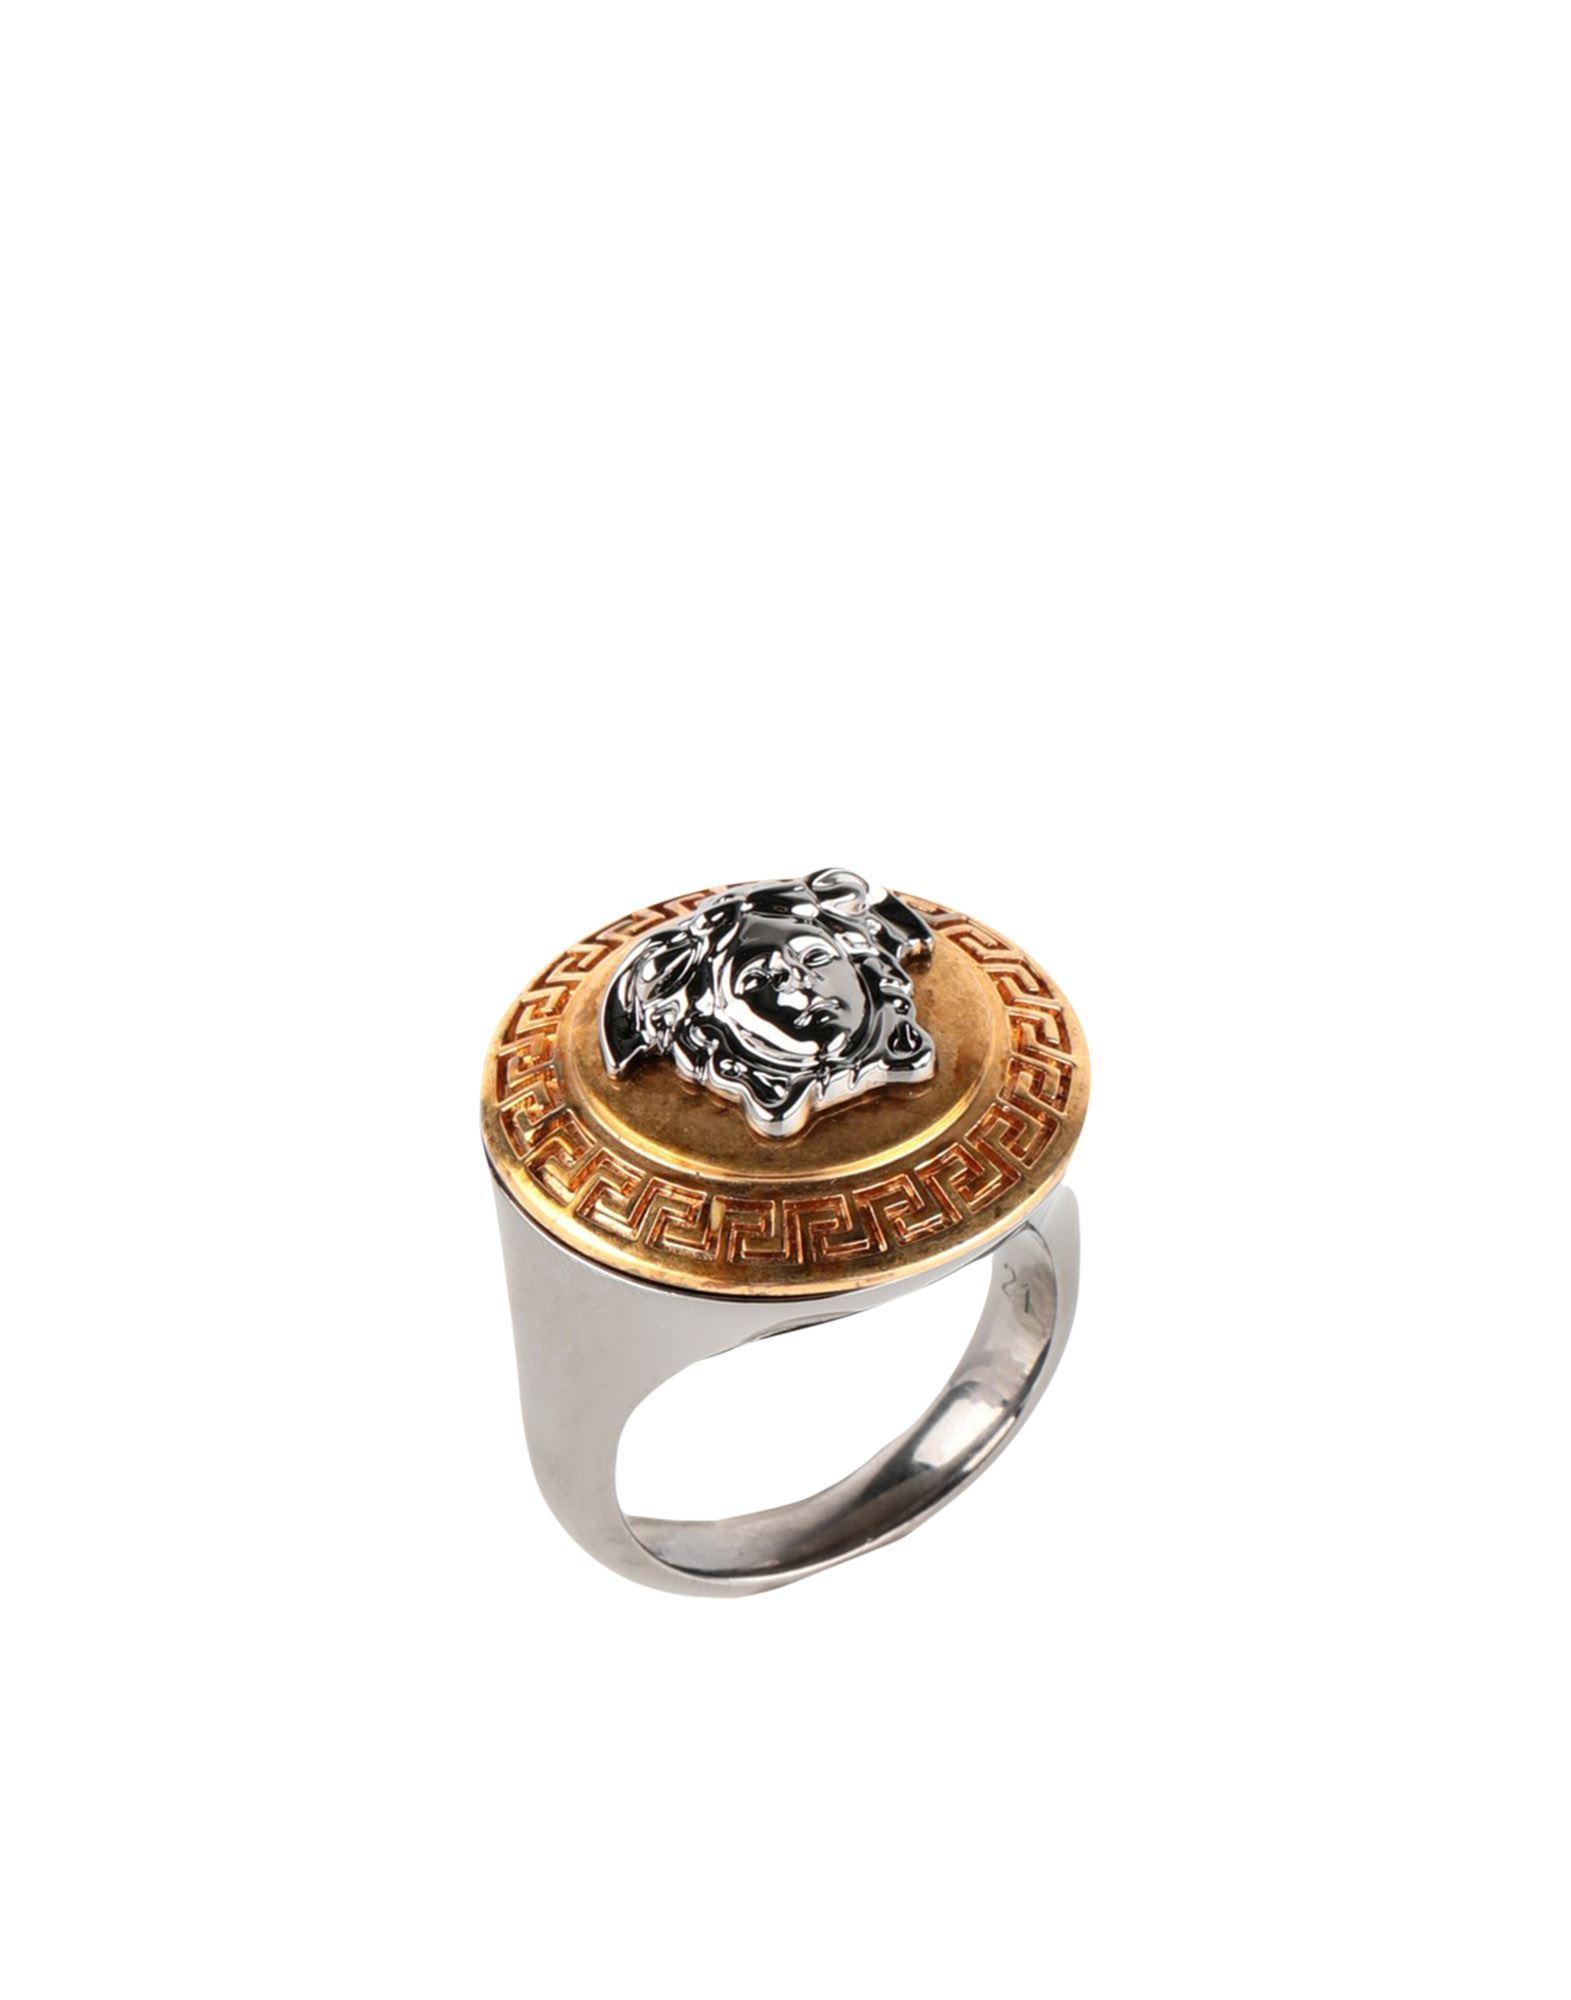 《セール開催中》VERSACE メンズ 指輪 ゴールド 21 金属